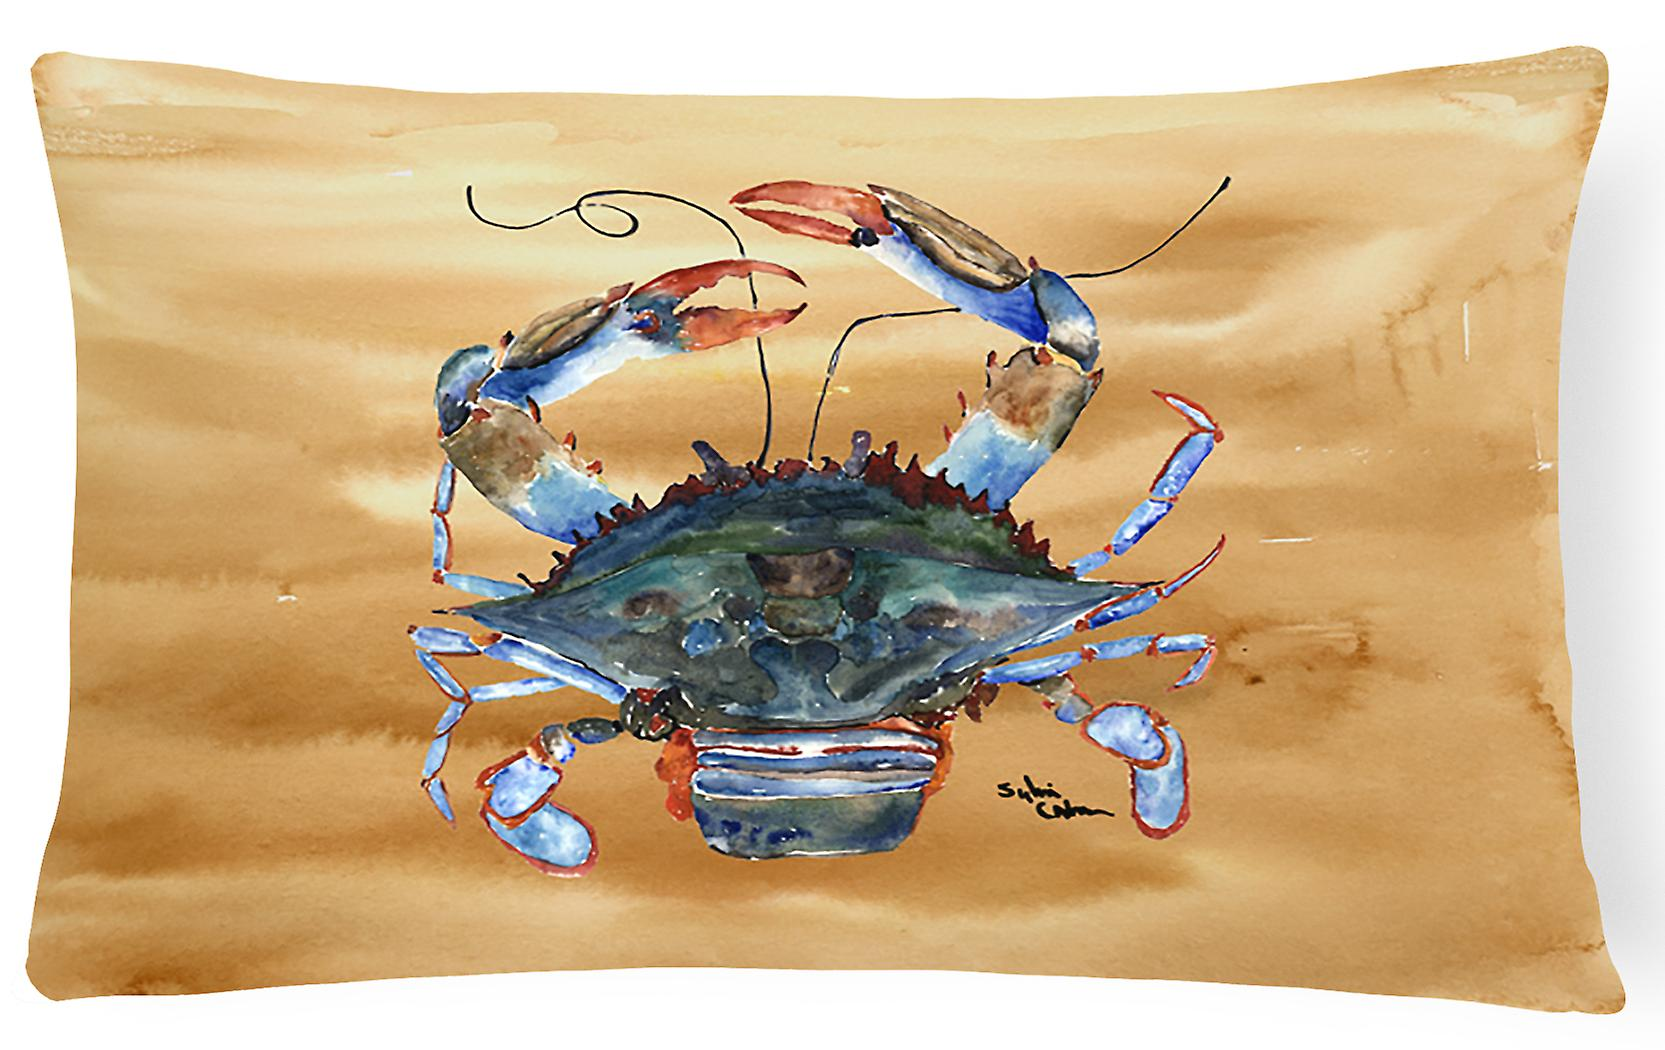 Toile Oreiller 8156pw1216 Carolines Tissu Crabe Trésors Des Décoratif 3AqjLc45RS